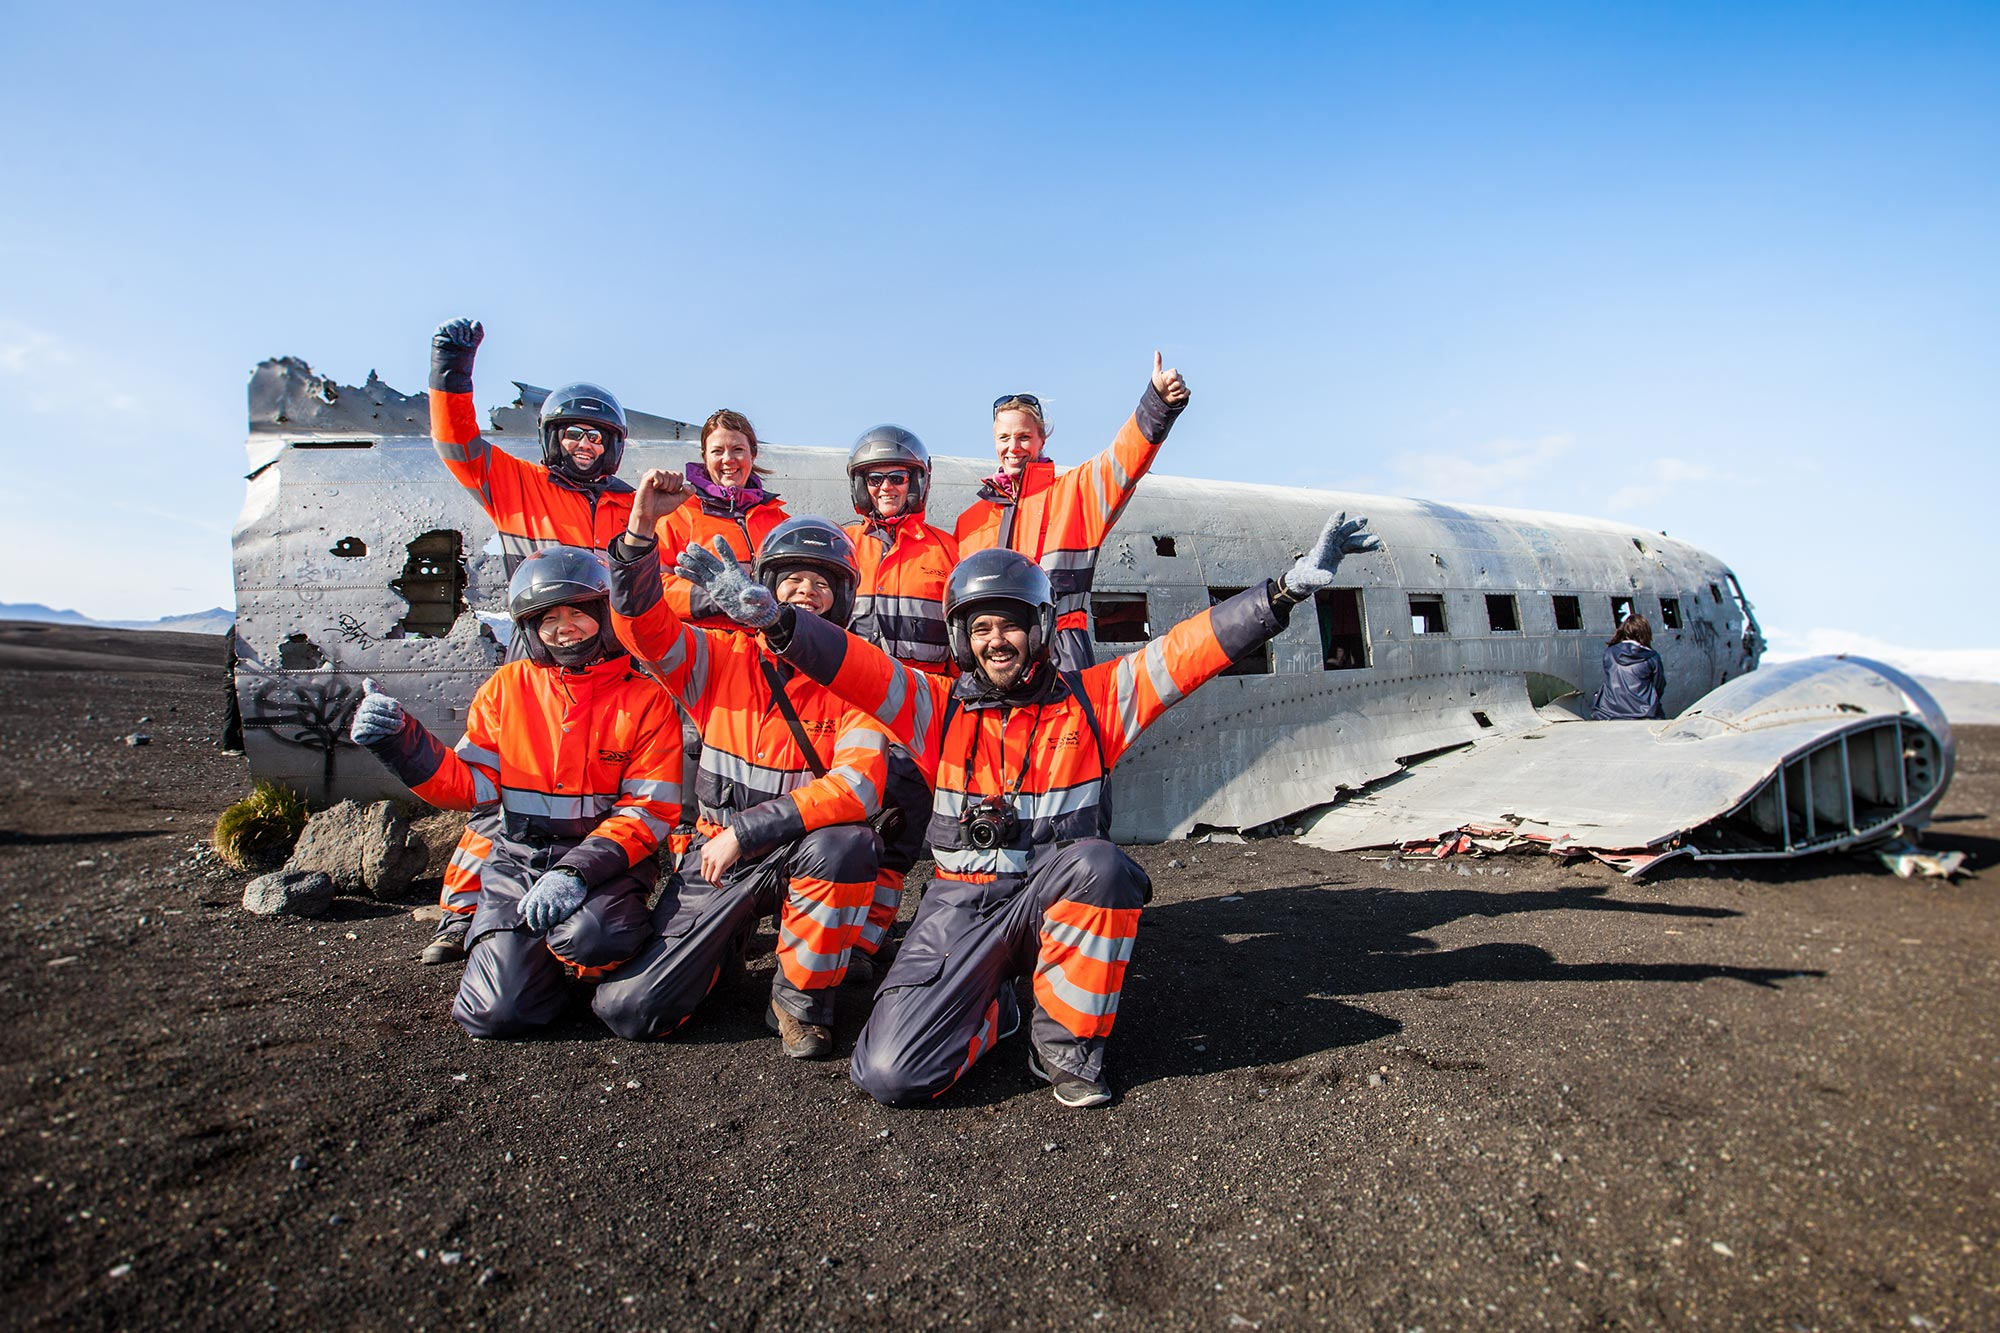 Odwiedź ekscytujący wrak samolotu DC3 na południowym wybrzeżu Islandii.